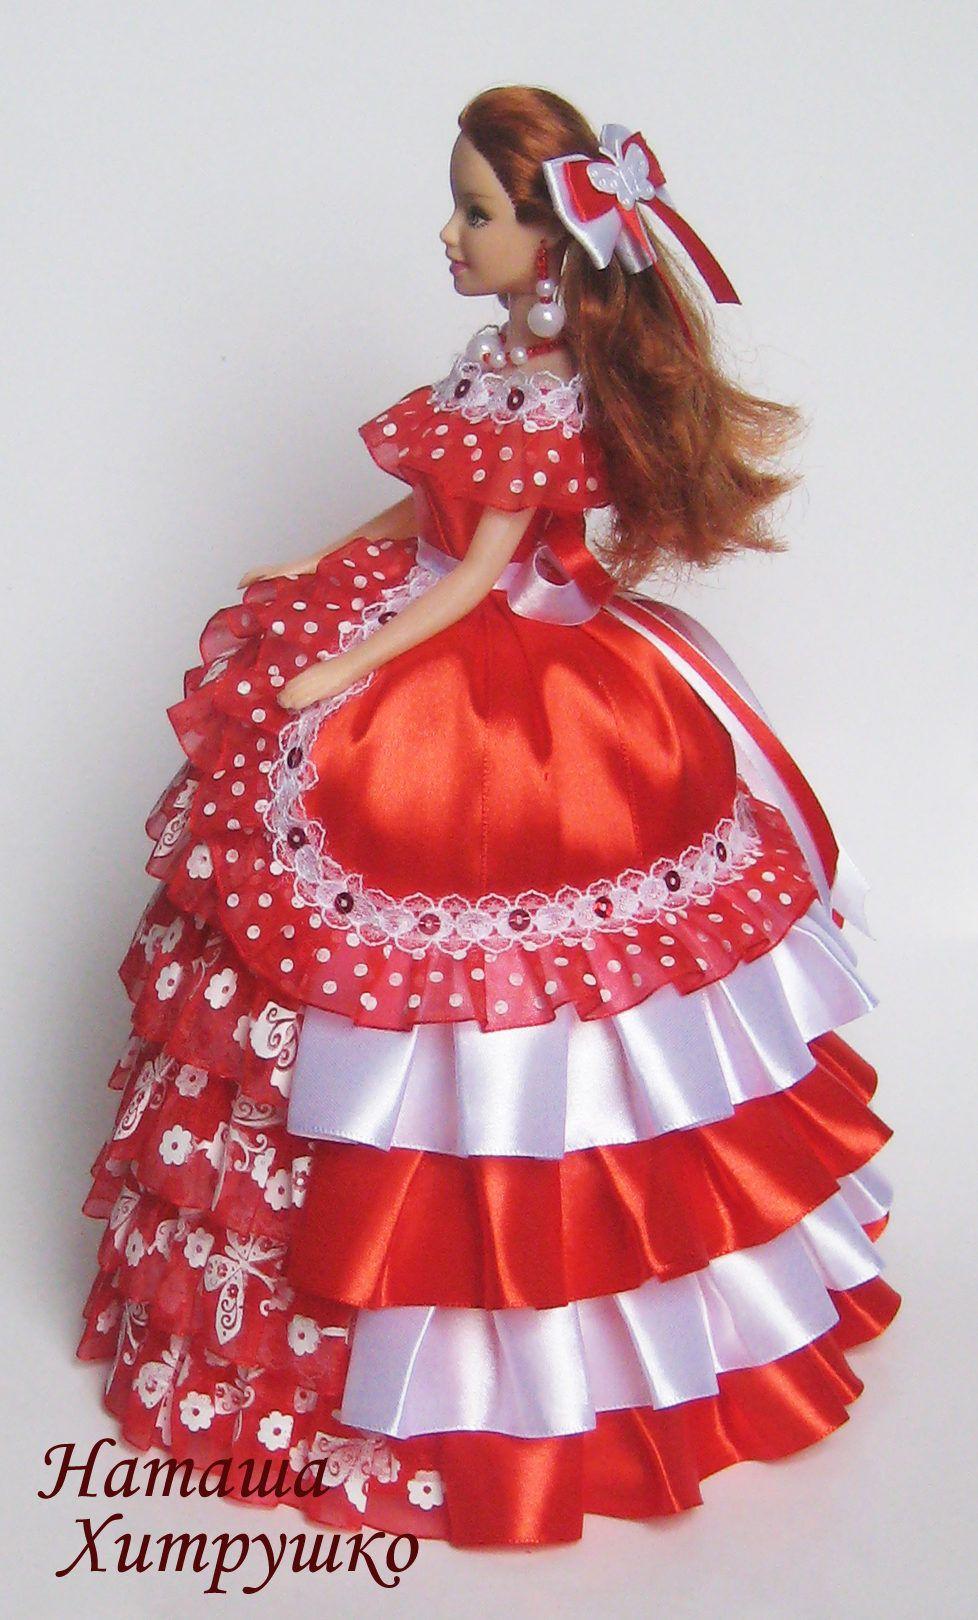 123 карточки в коллекции « кукла шкатулка » пользователя владимир